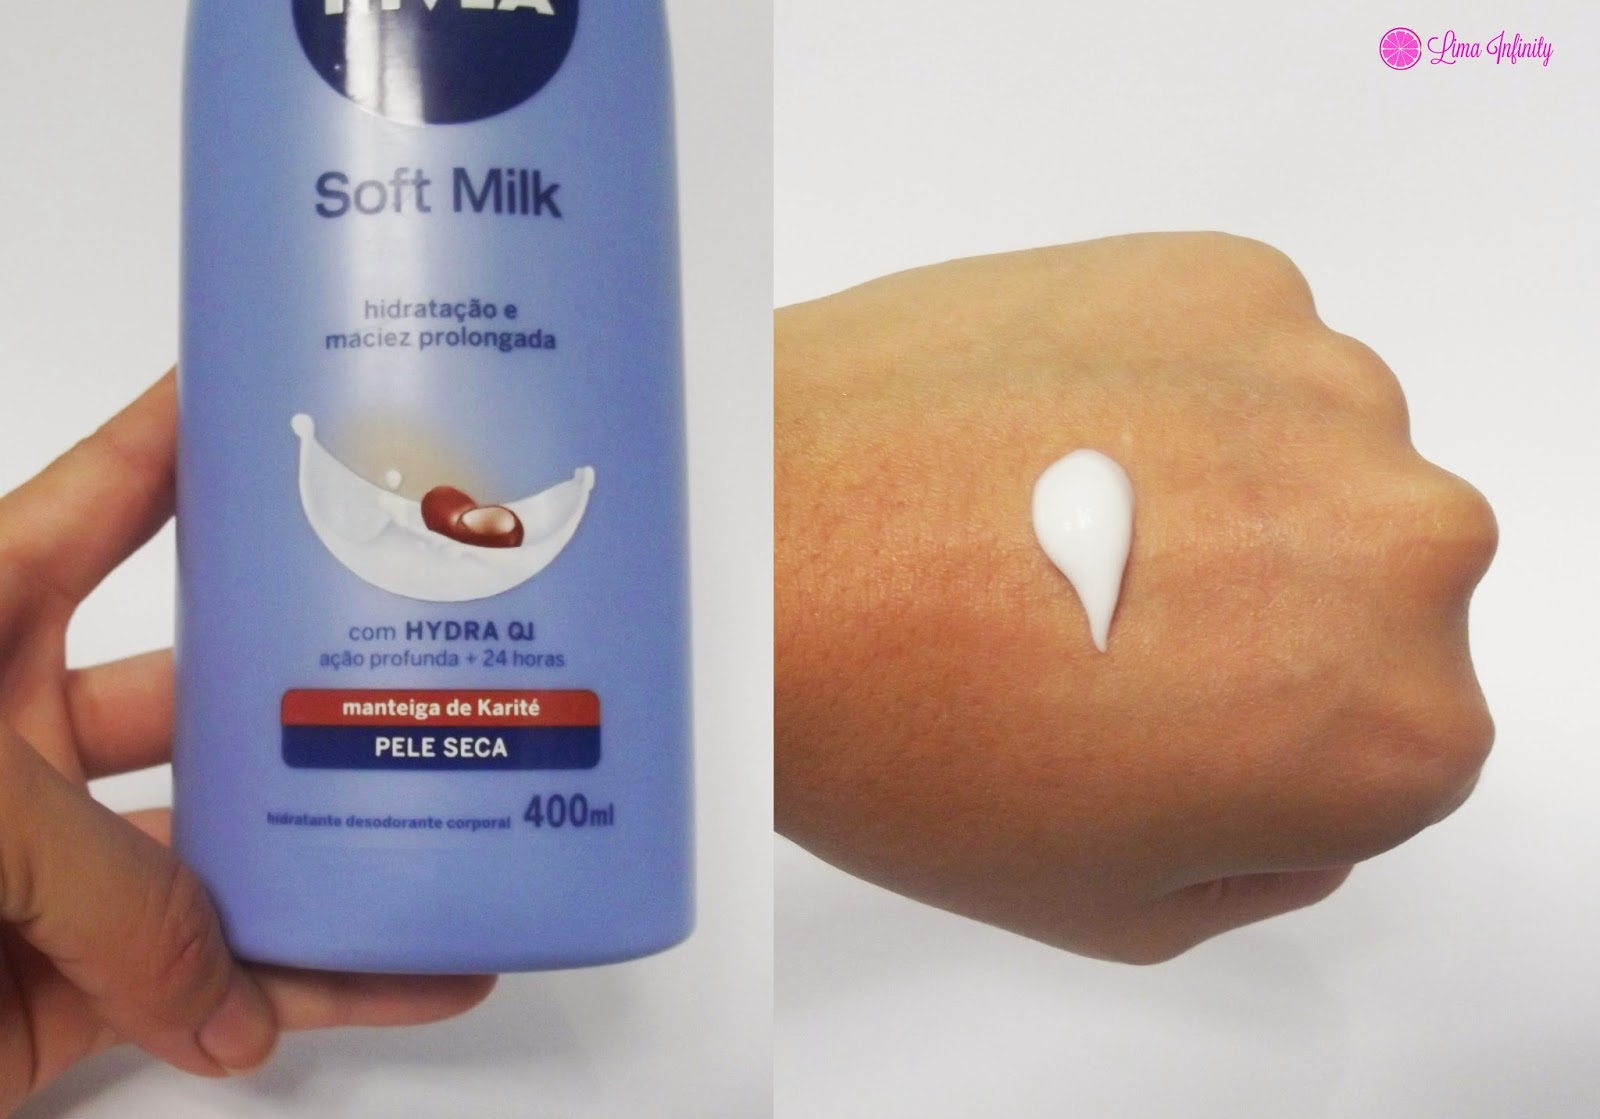 creme-nivea-pele-seca-soft-milk-hidratação